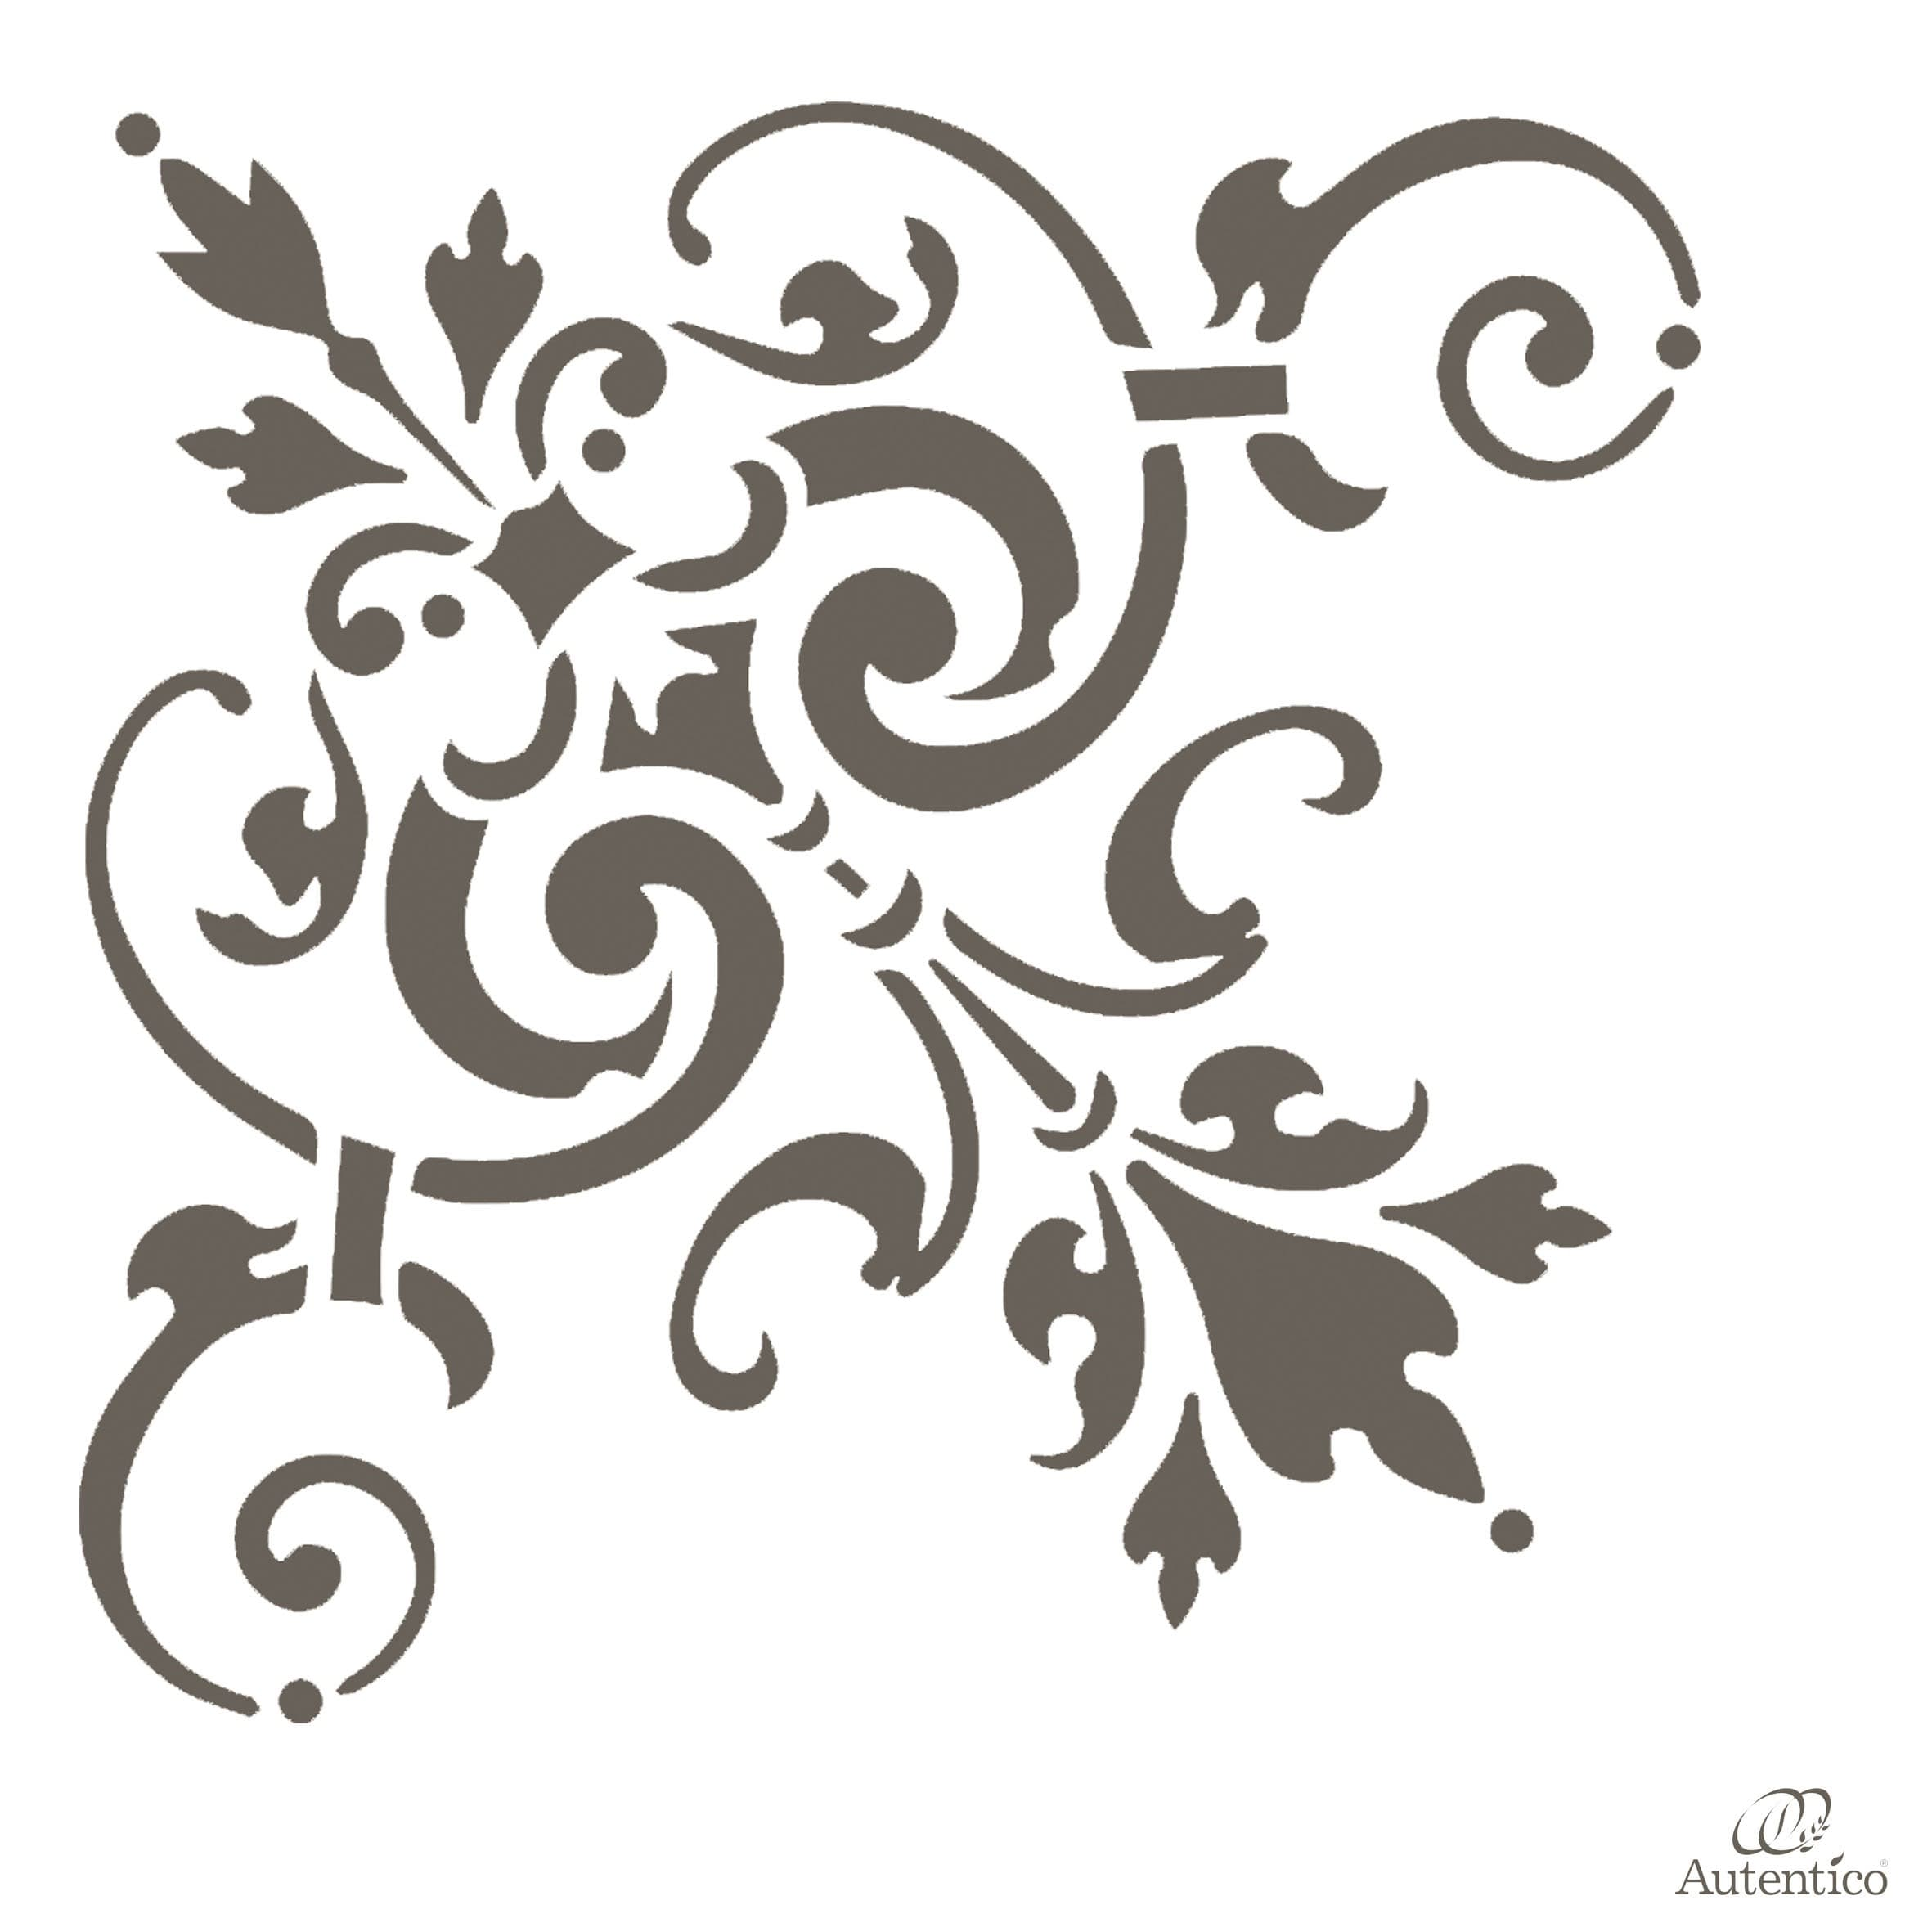 Stencil riutilizzabile ella autentico collection - Stencil adesivi per mobili ...